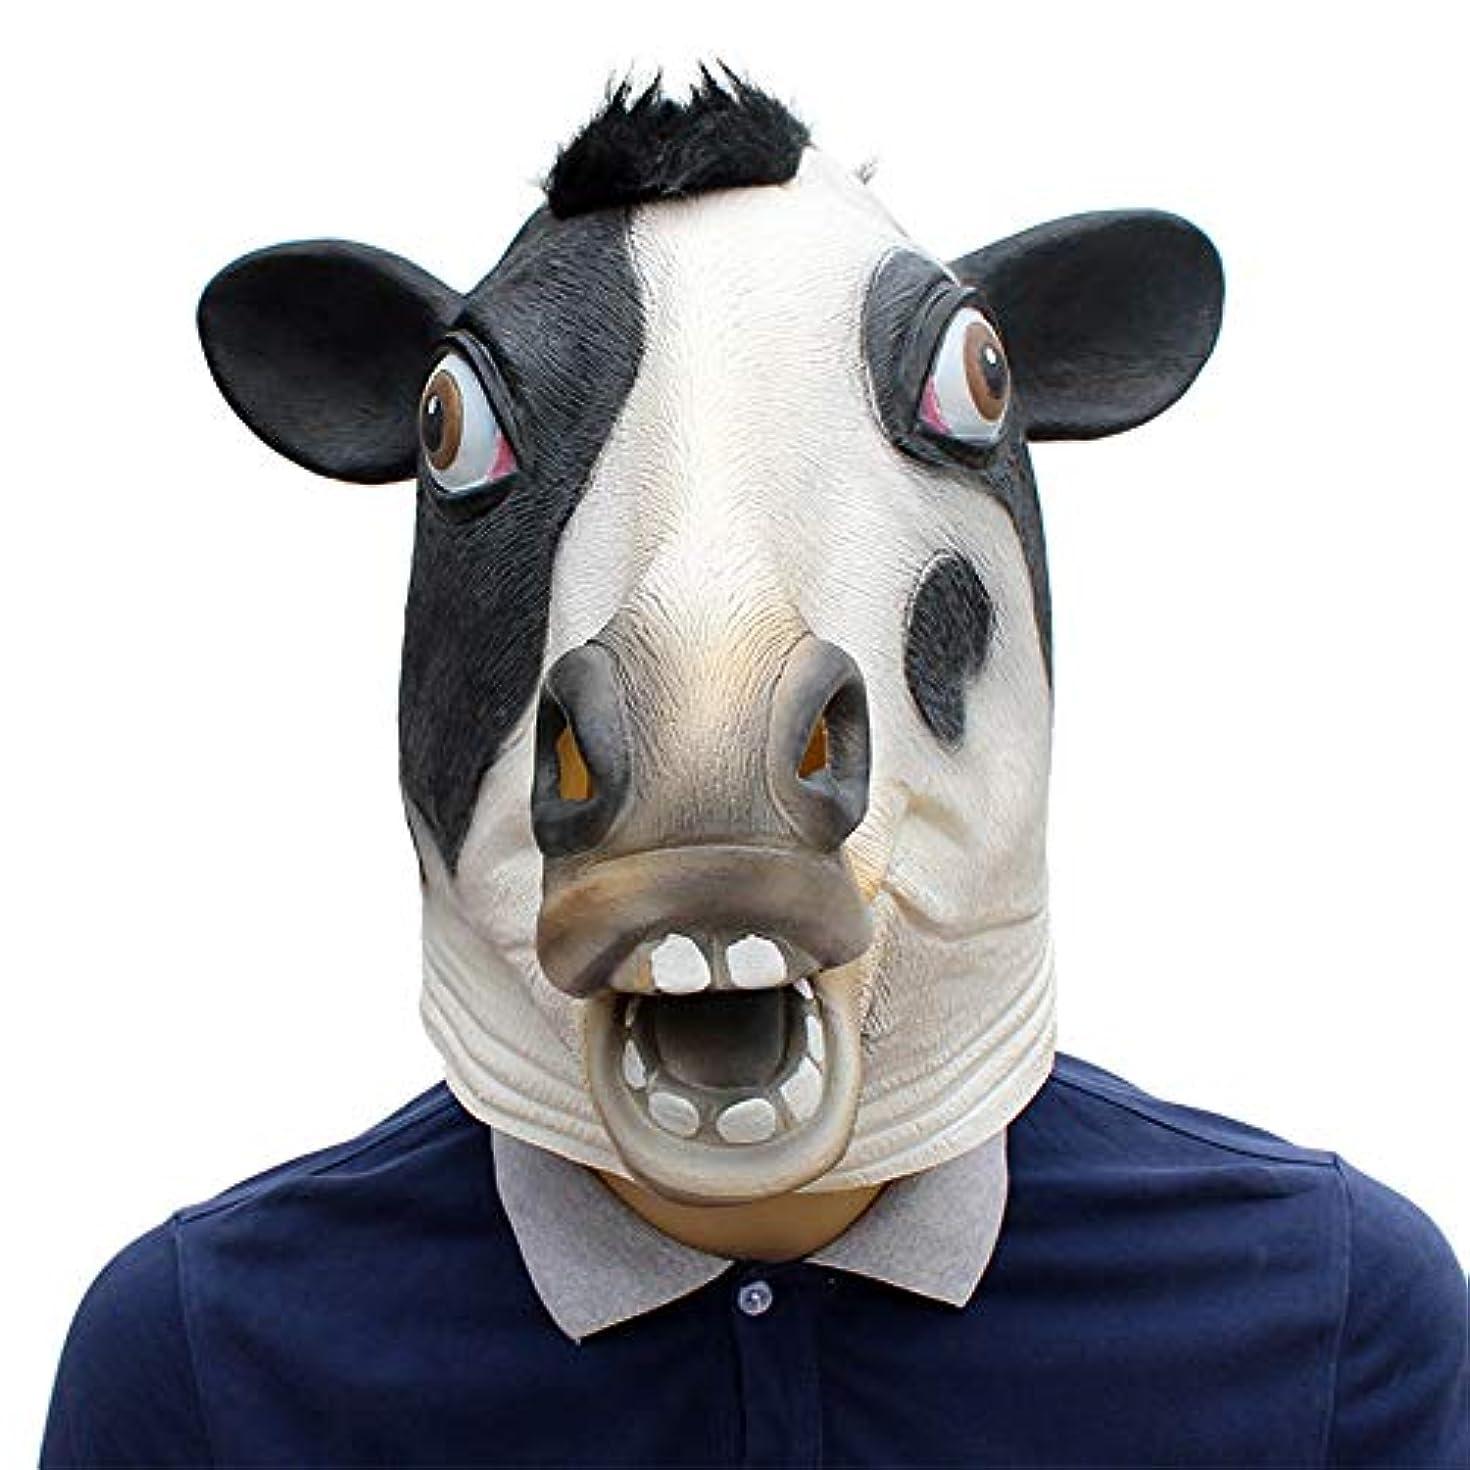 銃無駄な鉱石ヘッドギアハロウィンフェスティバルパーティー用品動物牛マスクヘッドギアラテックスマスクプロムの小道具に適したバーレスクパーティーギャングバー